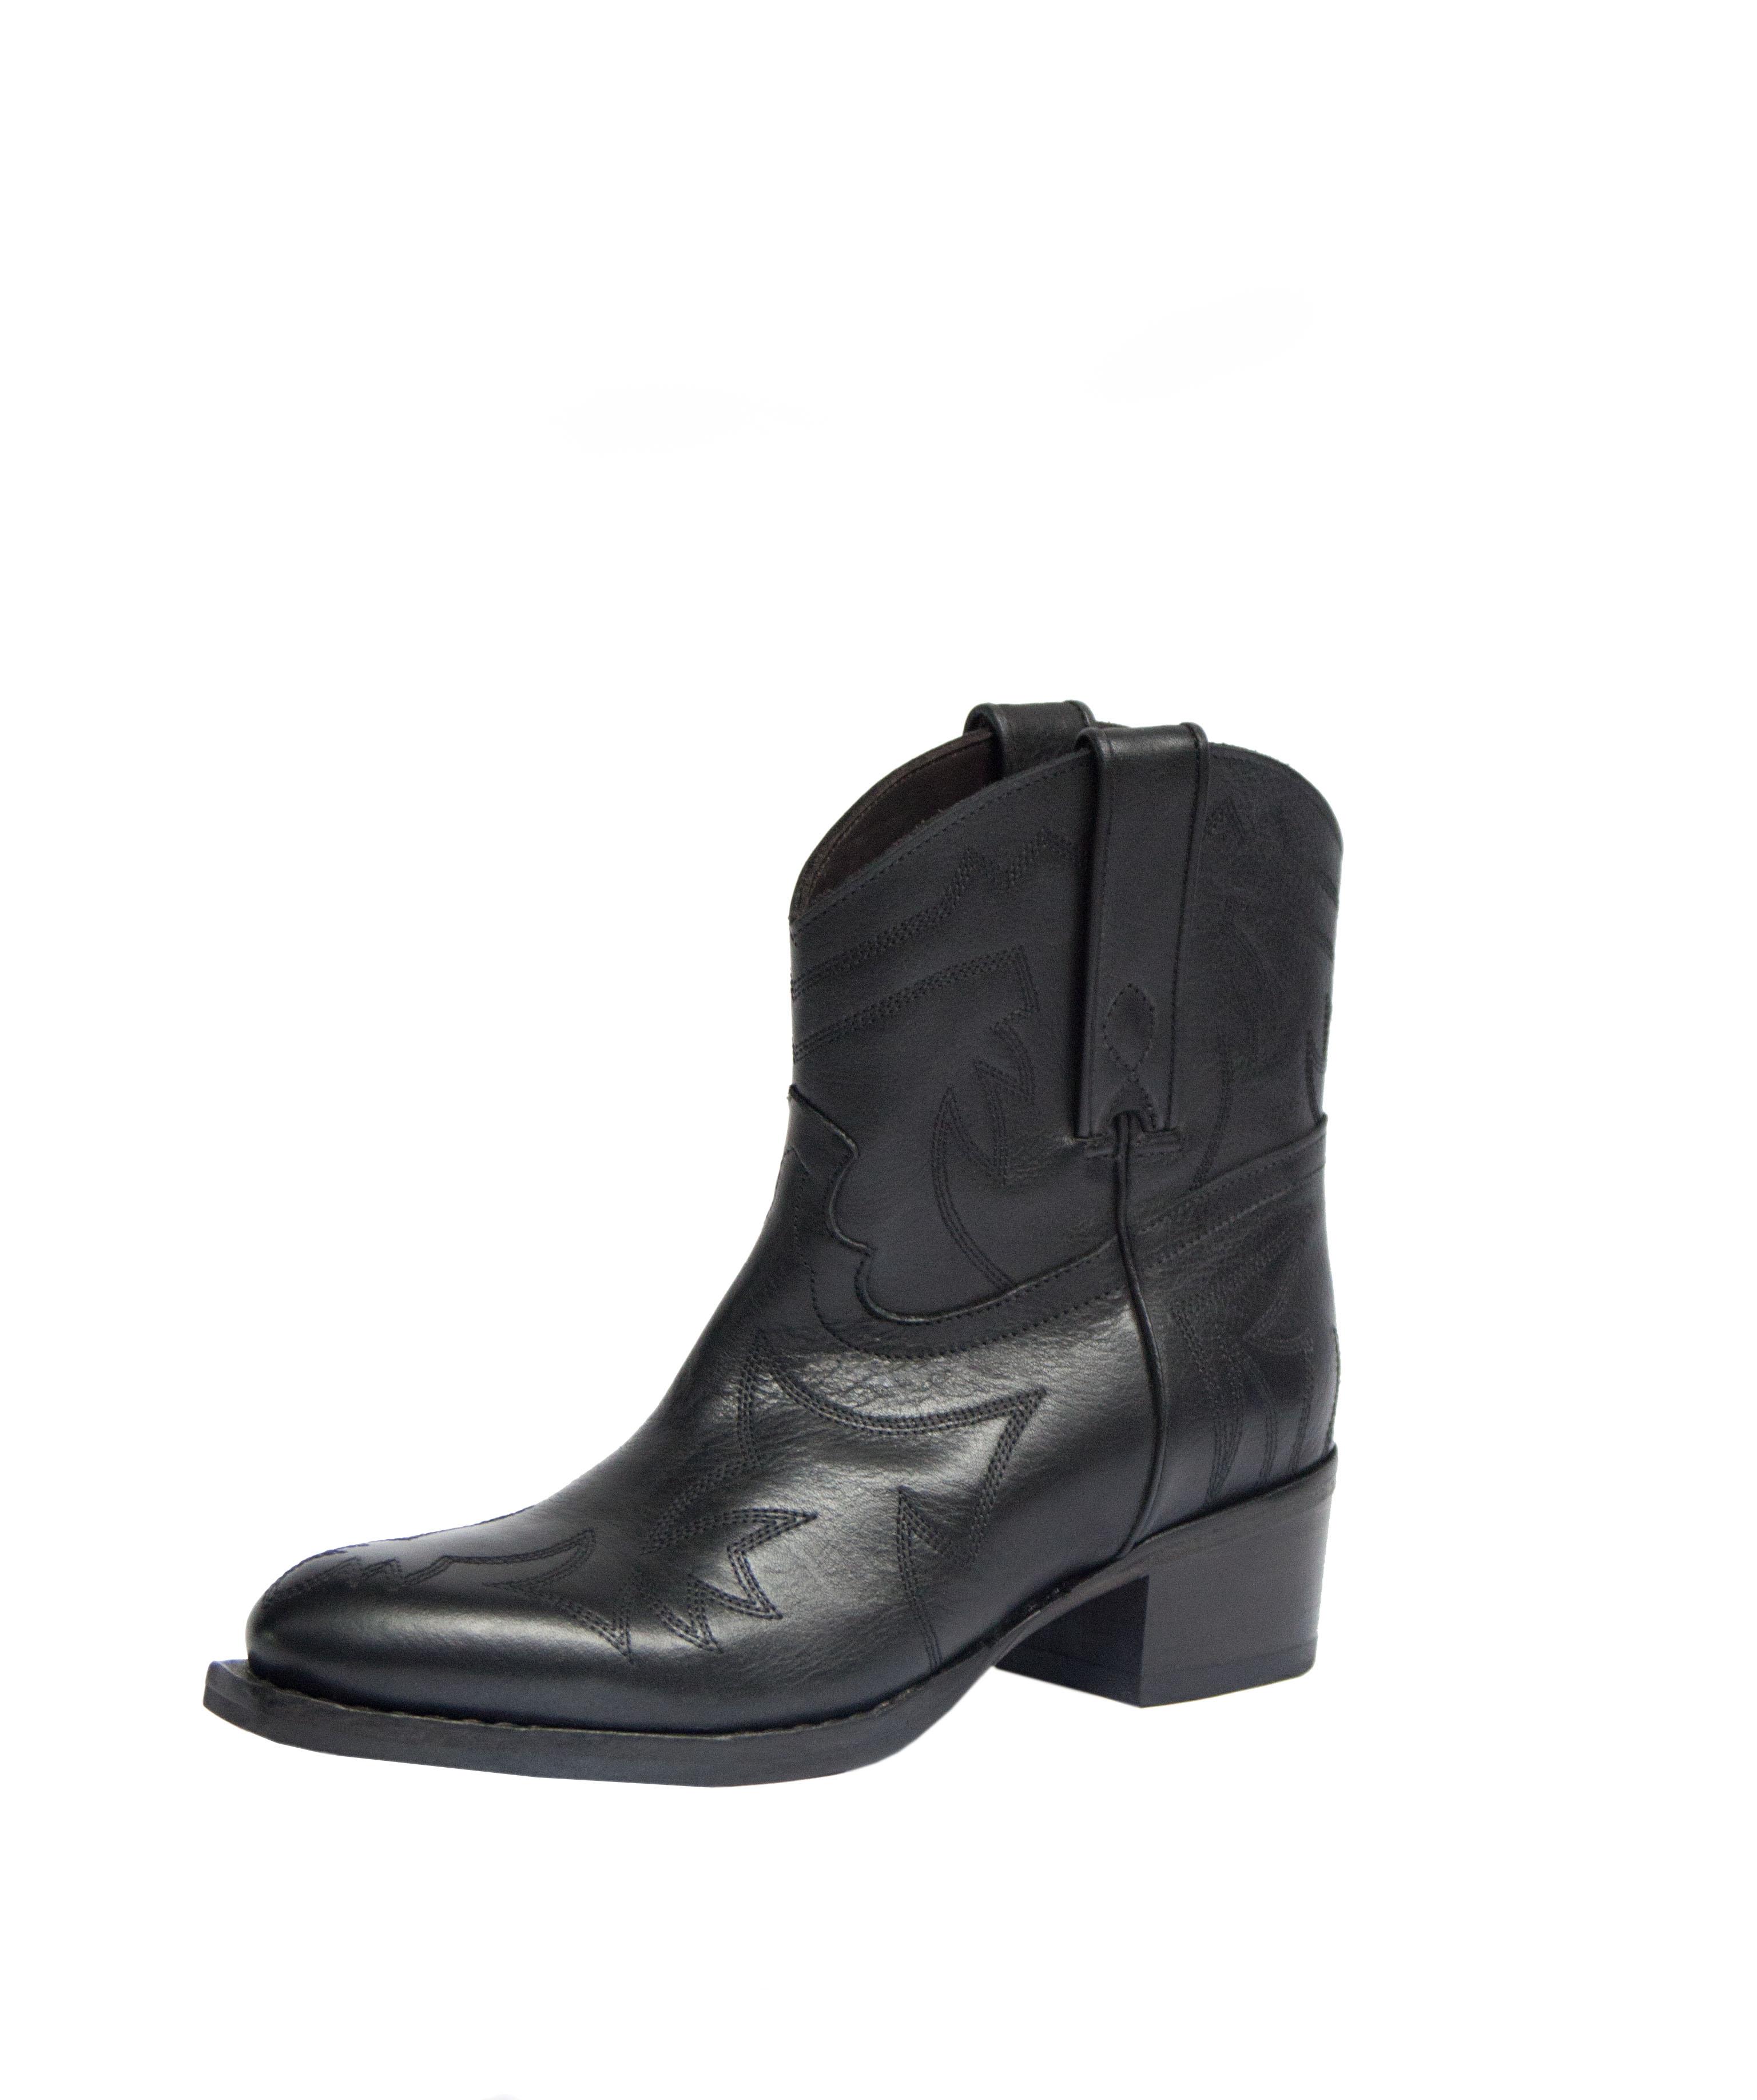 Goosecraft schoenencollectie (8)